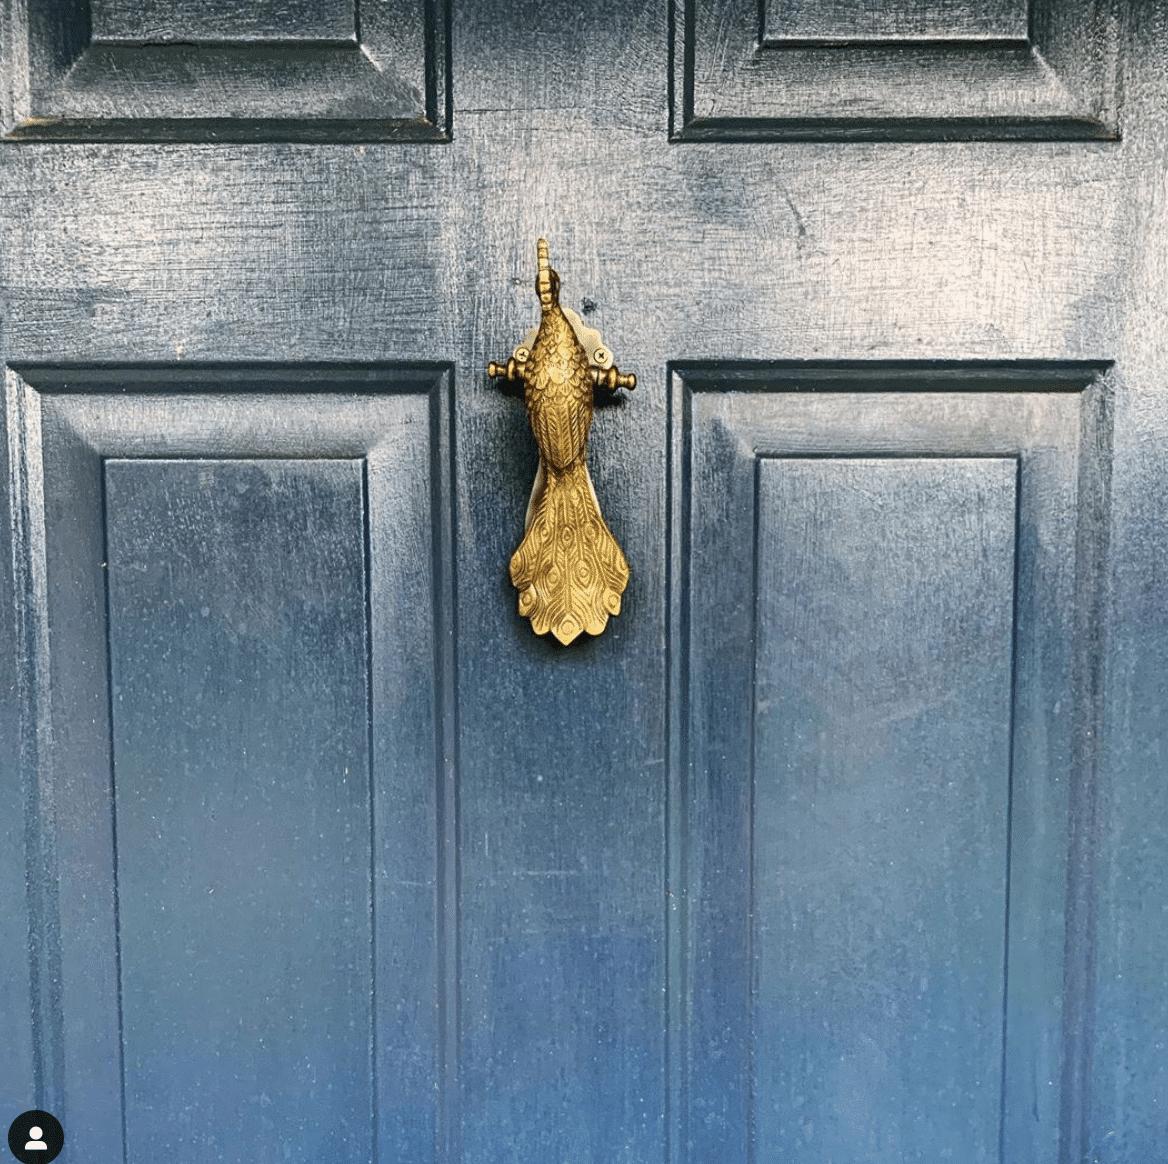 Peacock Door Knocker on Navy Blue front door